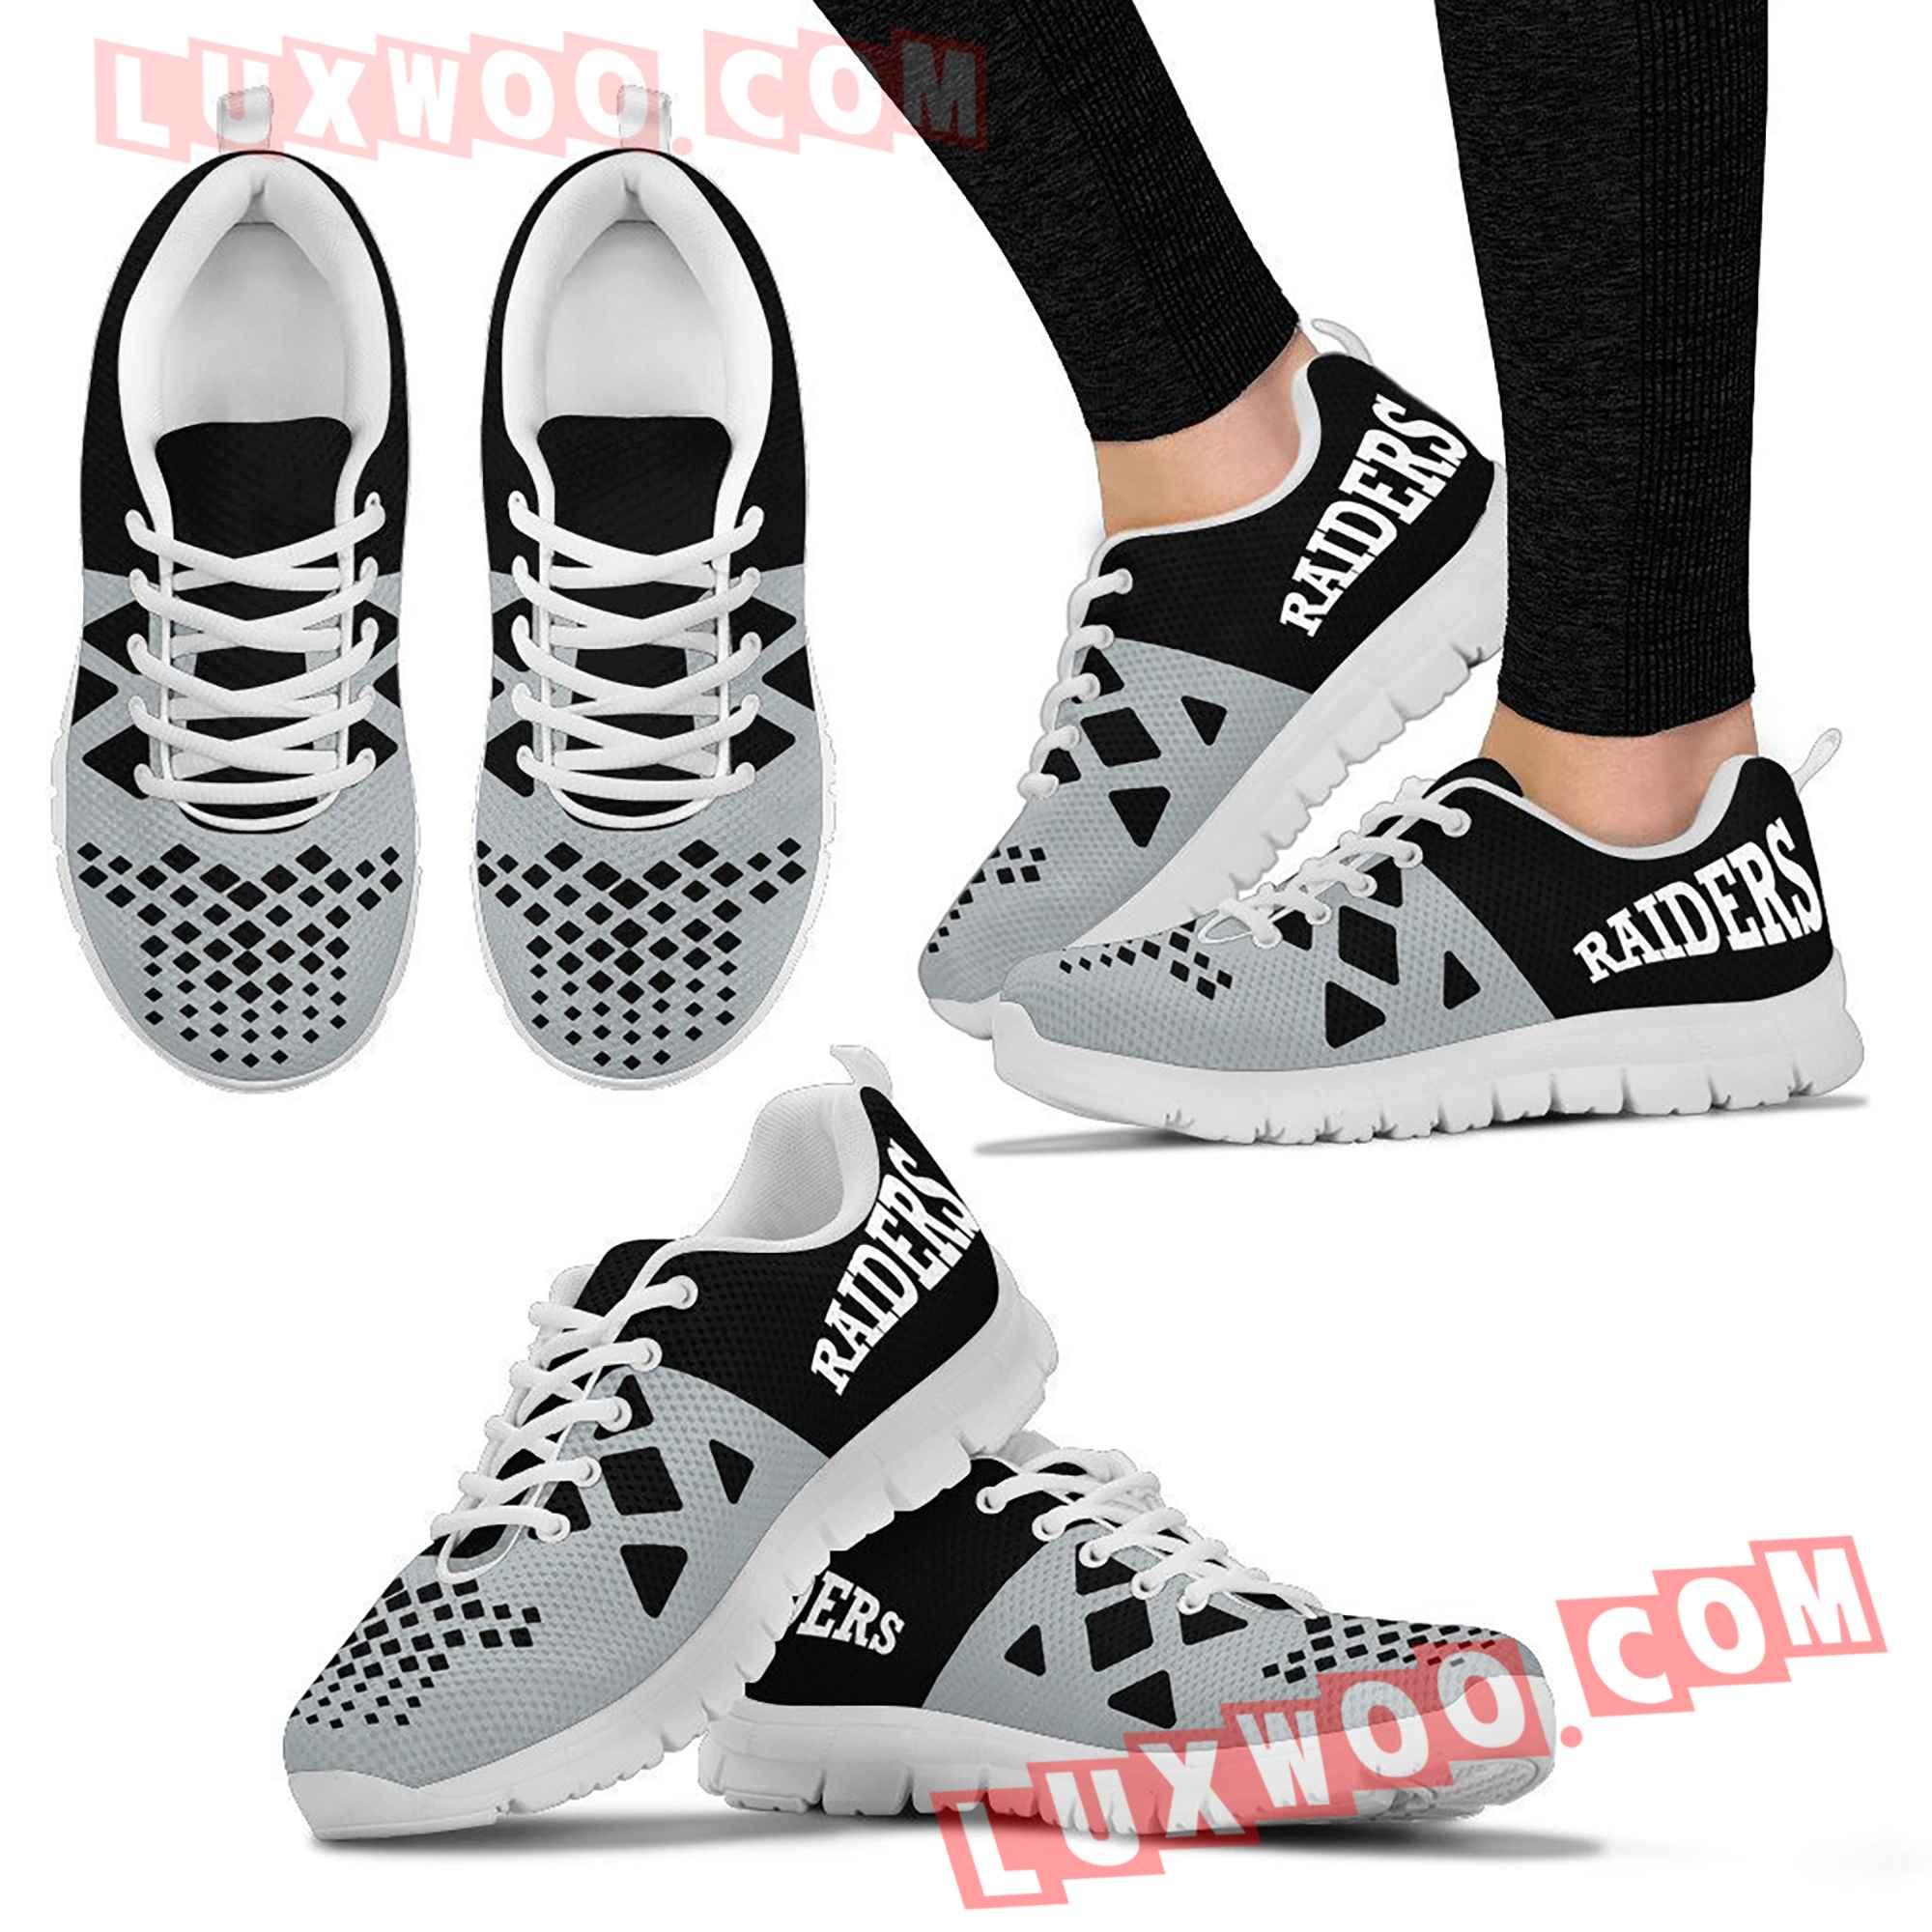 Oakland Raiders Nfl Custom Shoes Sneaker V2